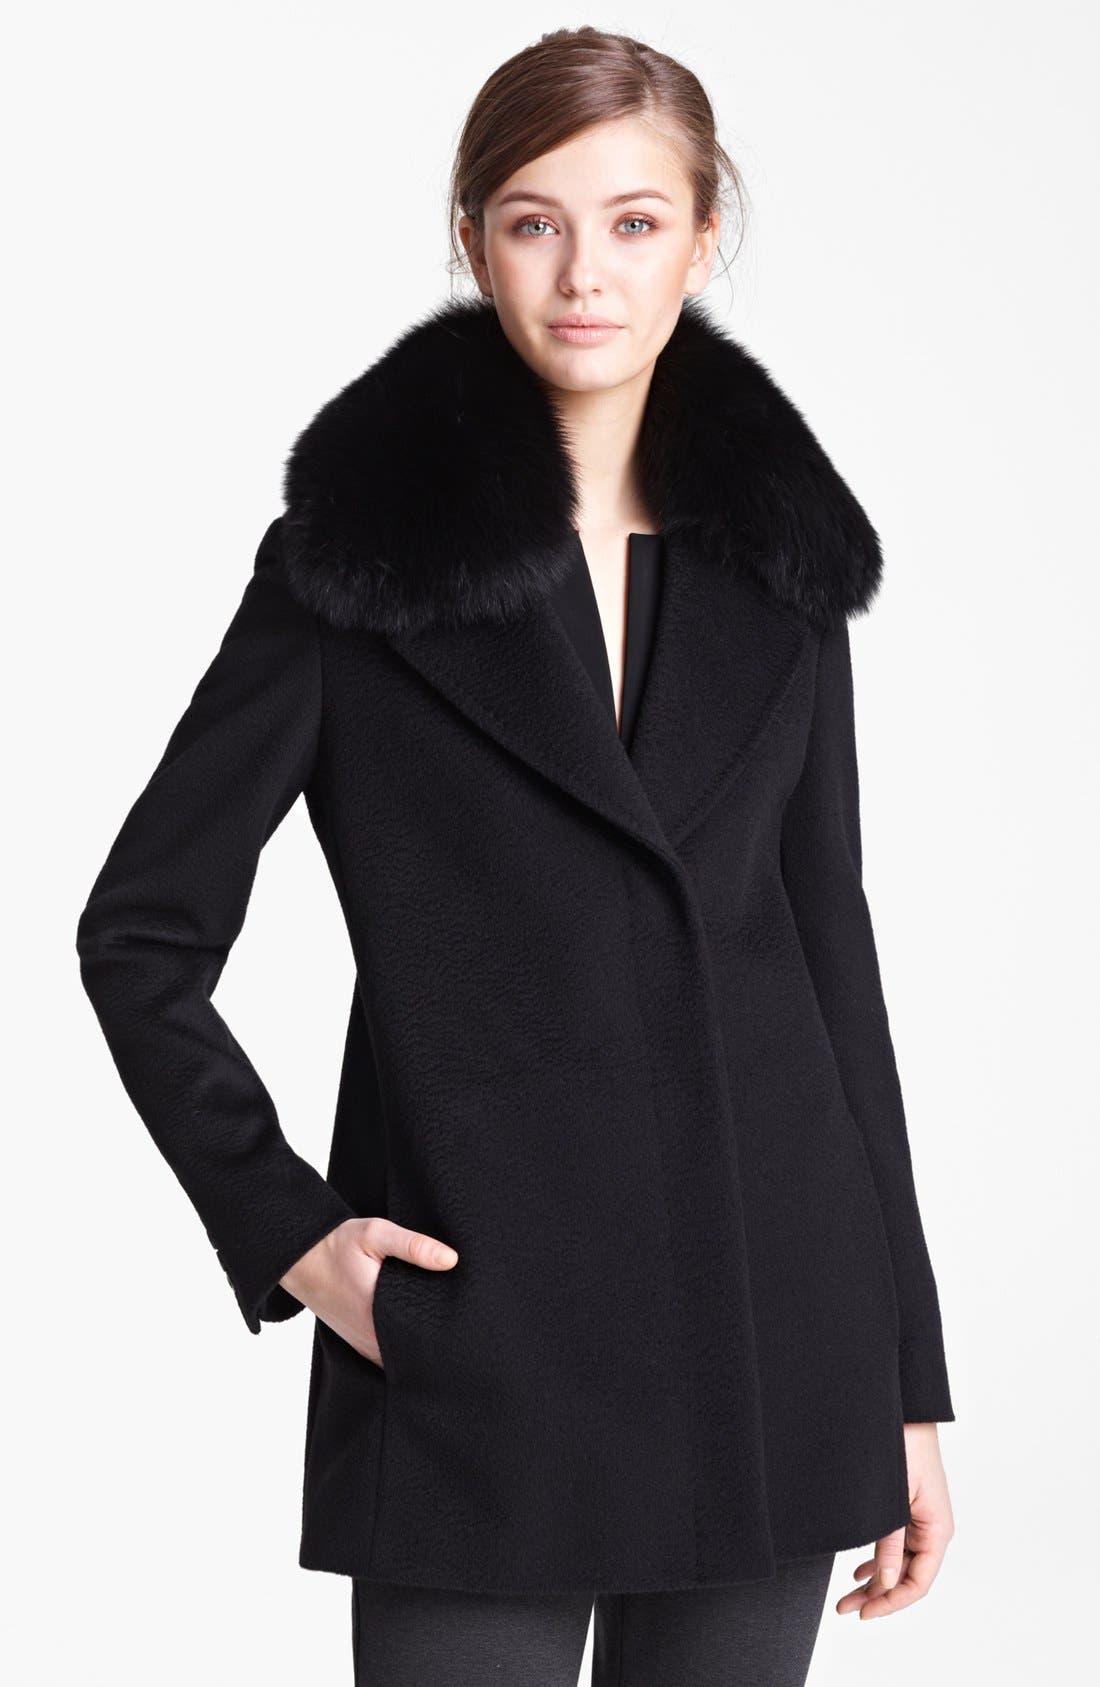 Main Image - Max Mara Camel's Hair Swing Coat with Genuine Fur Collar